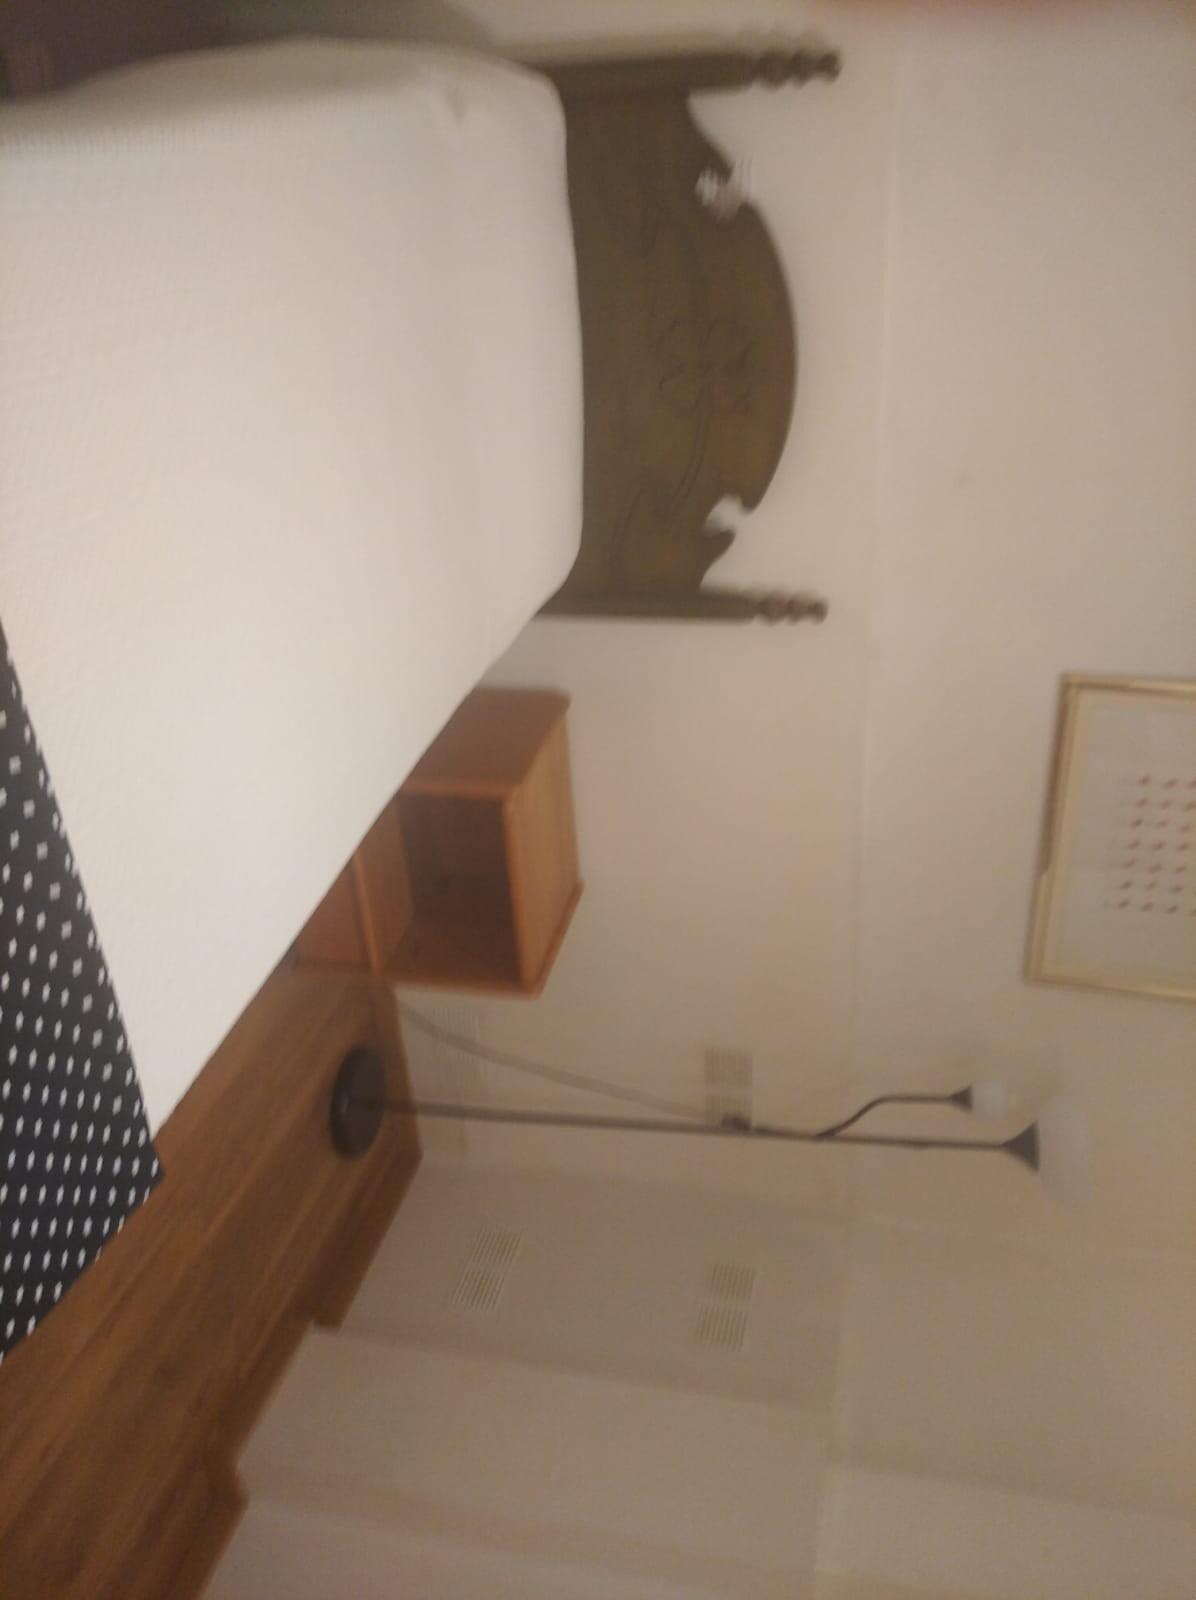 habitación amplia y tranquila con todas las comodi